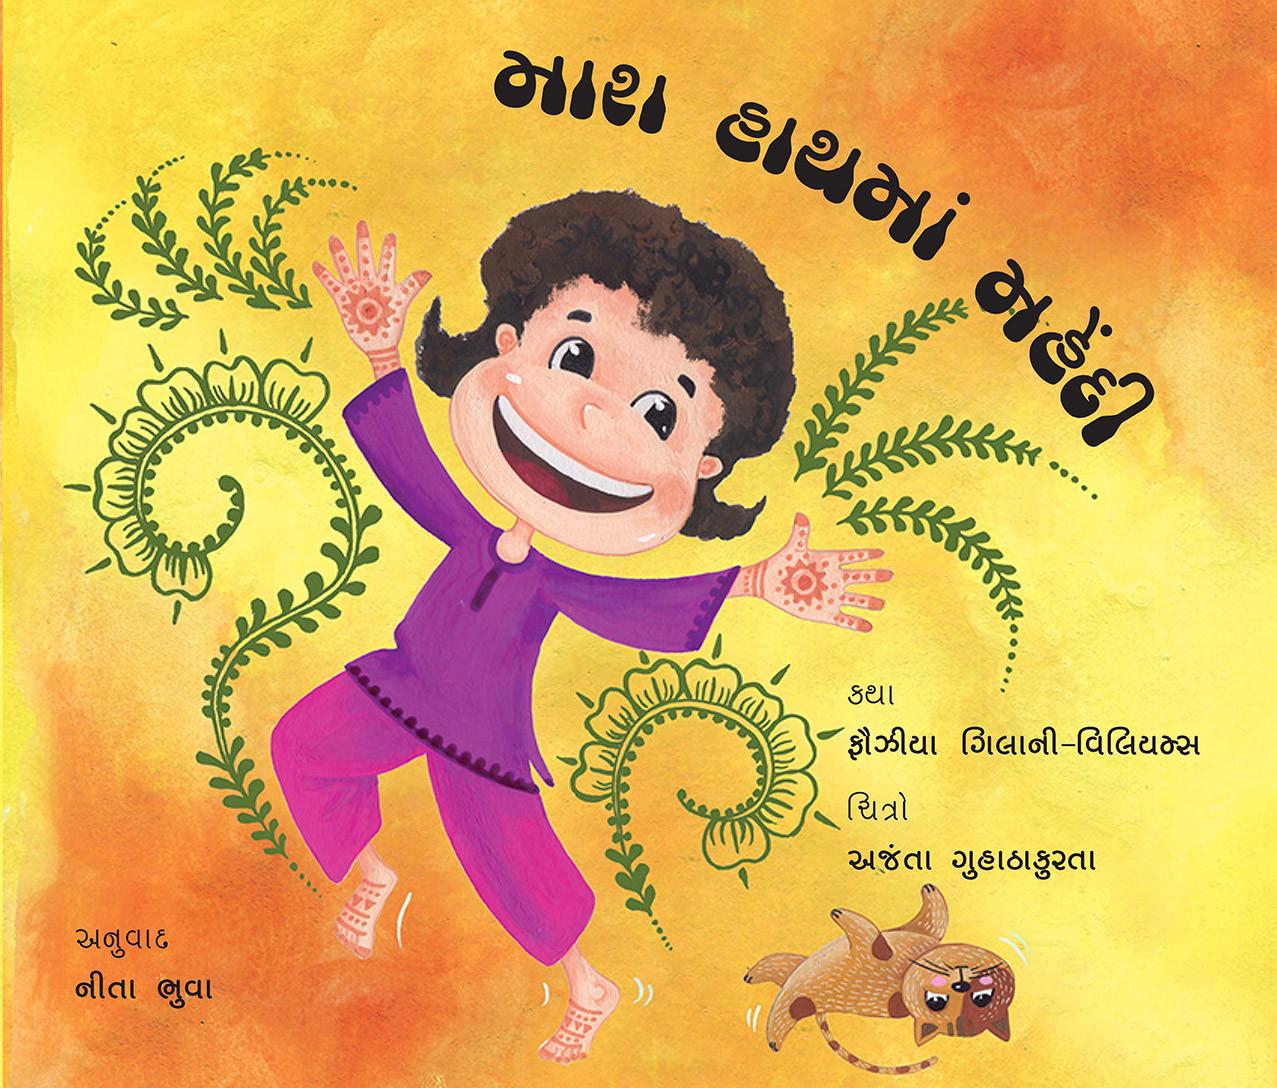 Henna on my Hands/Maara Haathma Mahendi (Gujarati)